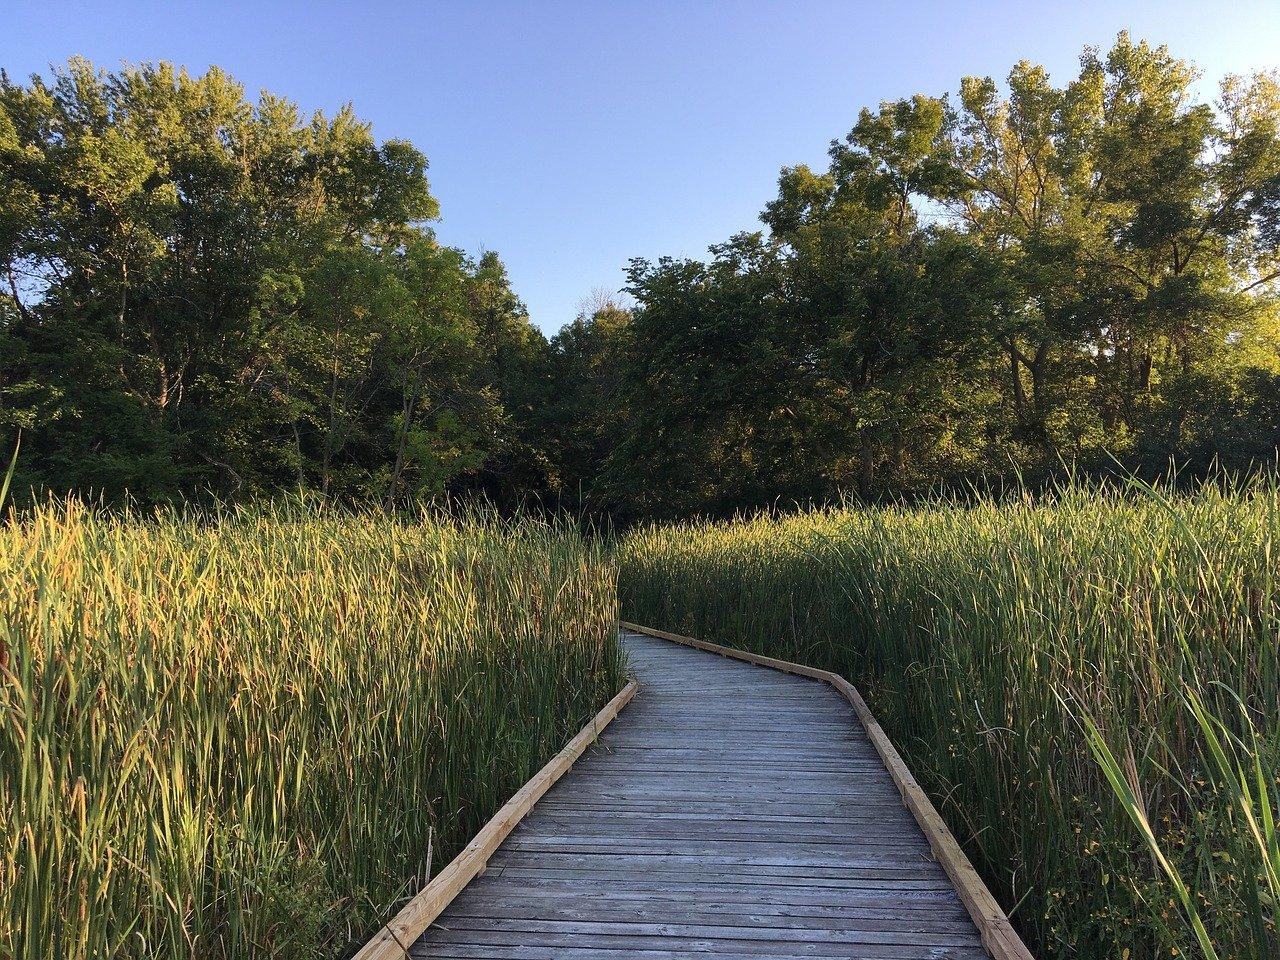 wetland-1806378_1280.jpg